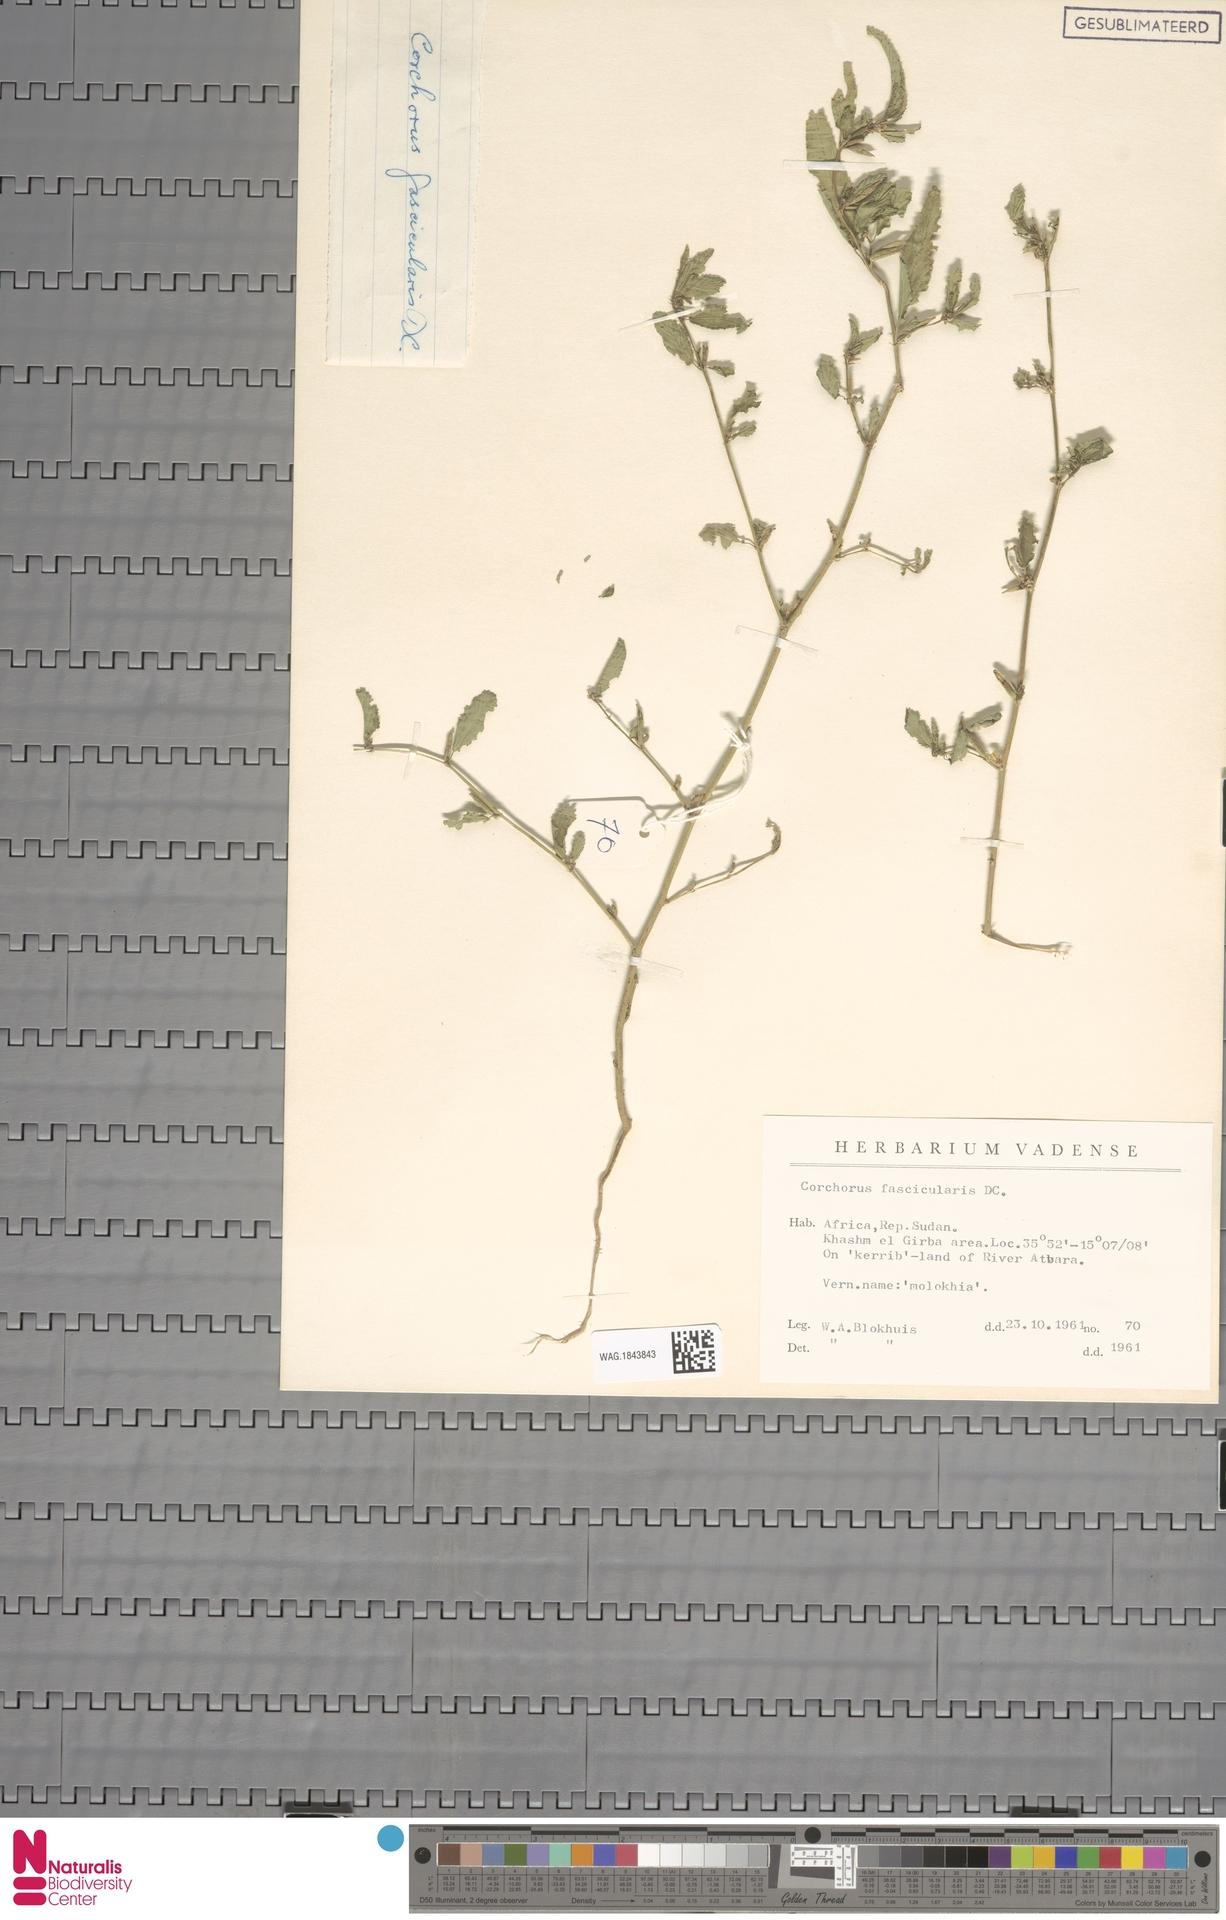 WAG.1843843 | Corchorus fascicularis Lam.